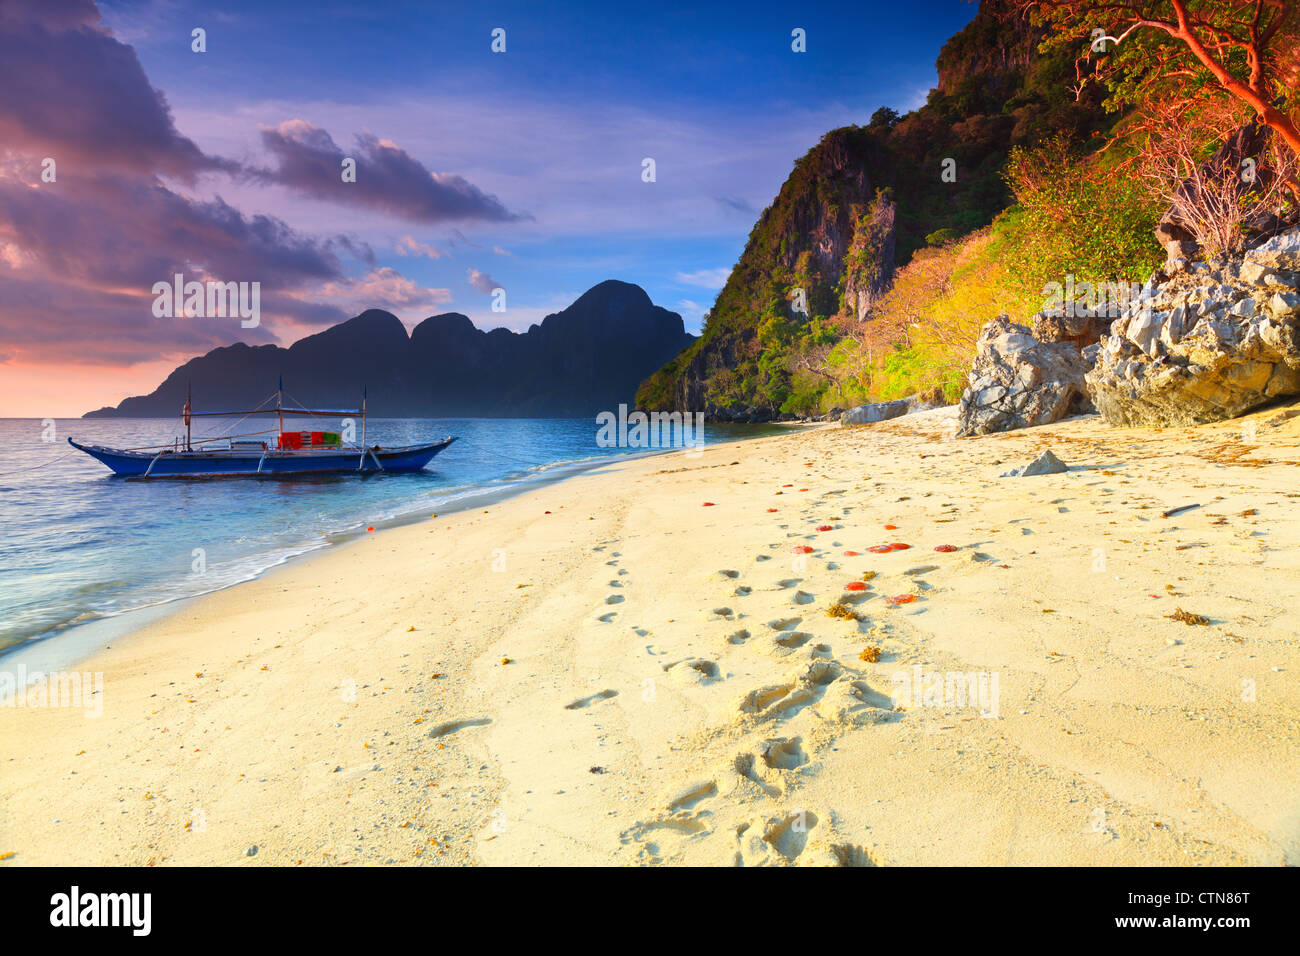 Bellissimo paesaggio marino. Barca in primo piano. Filippine Foto Stock